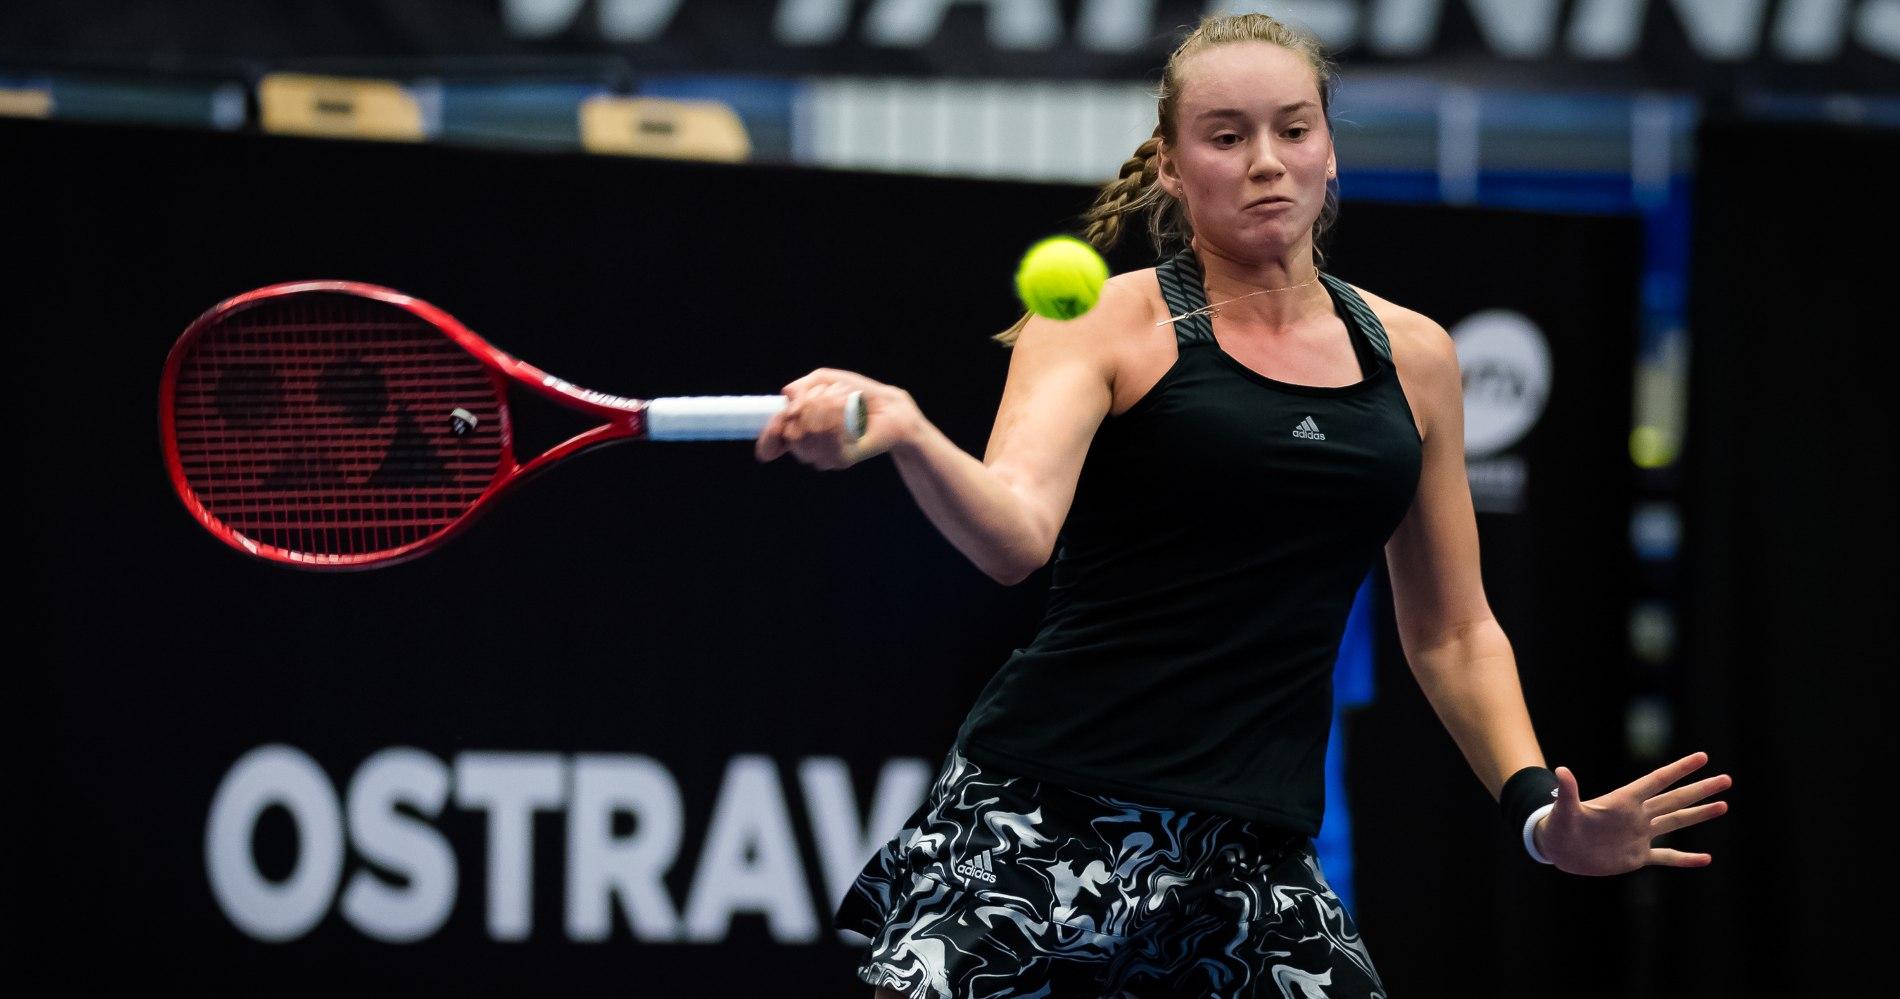 Elena Rybakina, Ostrava 2020